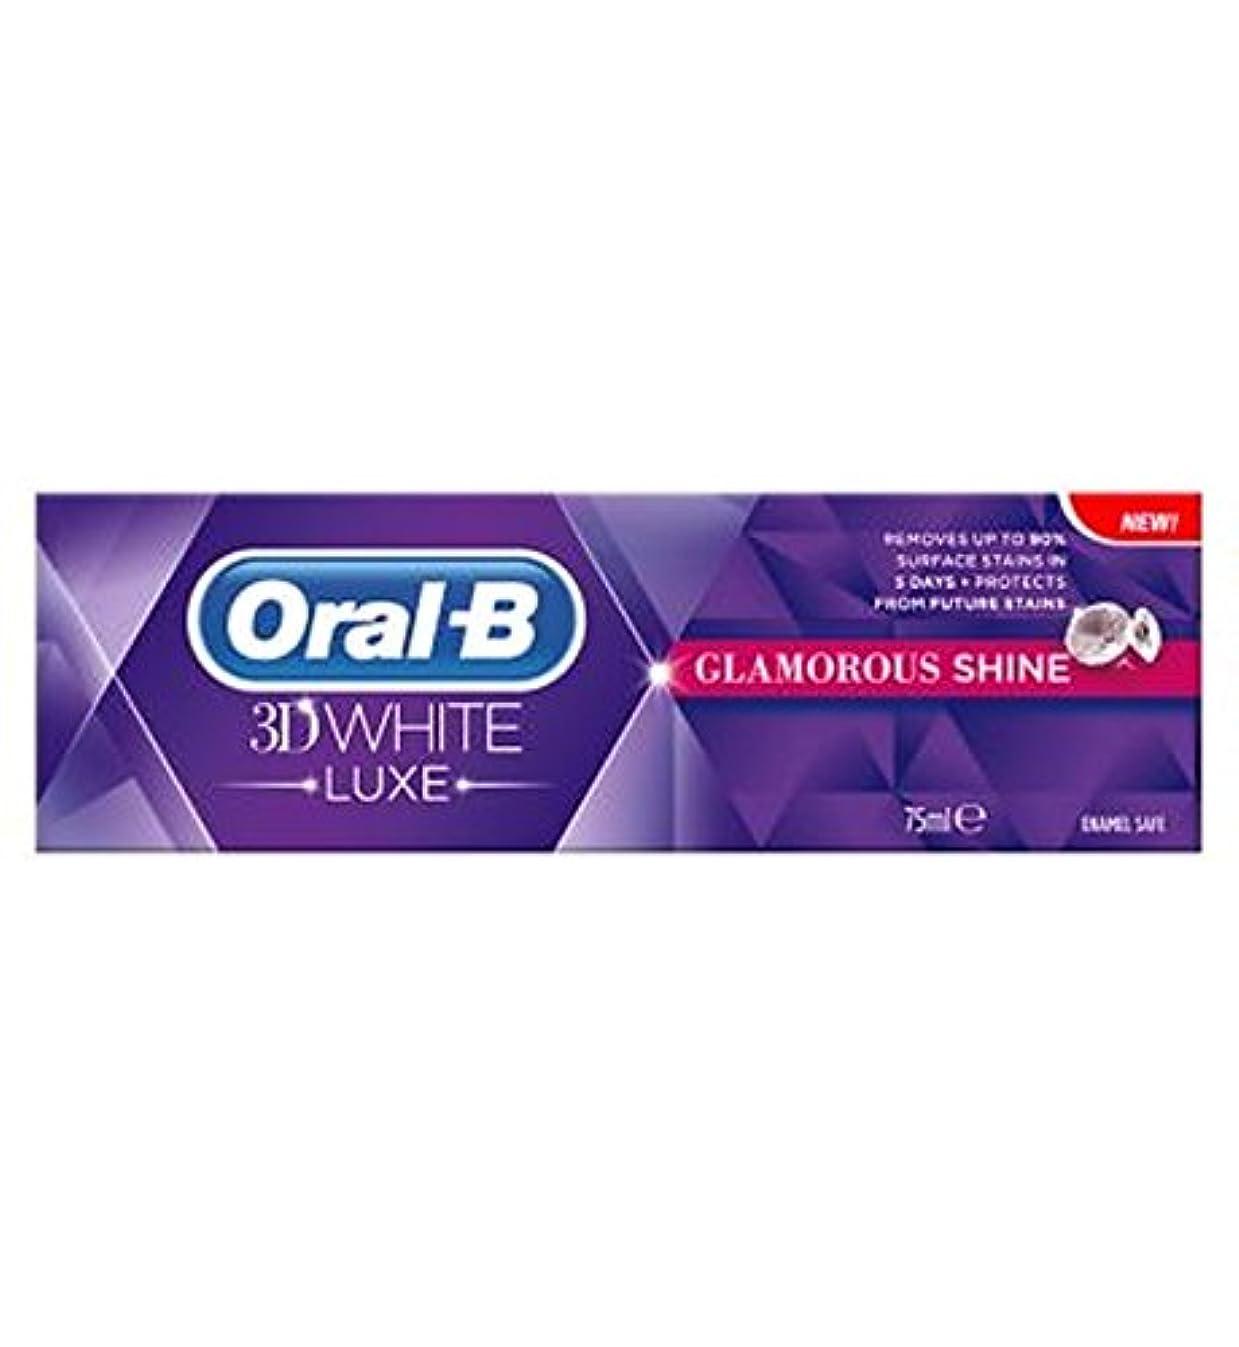 容器雇う思想オーラルB 3Dwhite豪華グラマラスな輝きの歯磨き粉75ミリリットル (Oral B) (x2) - Oral-B 3DWhite Luxe Glamourous Shine Toothpaste 75ml (Pack of 2) [並行輸入品]